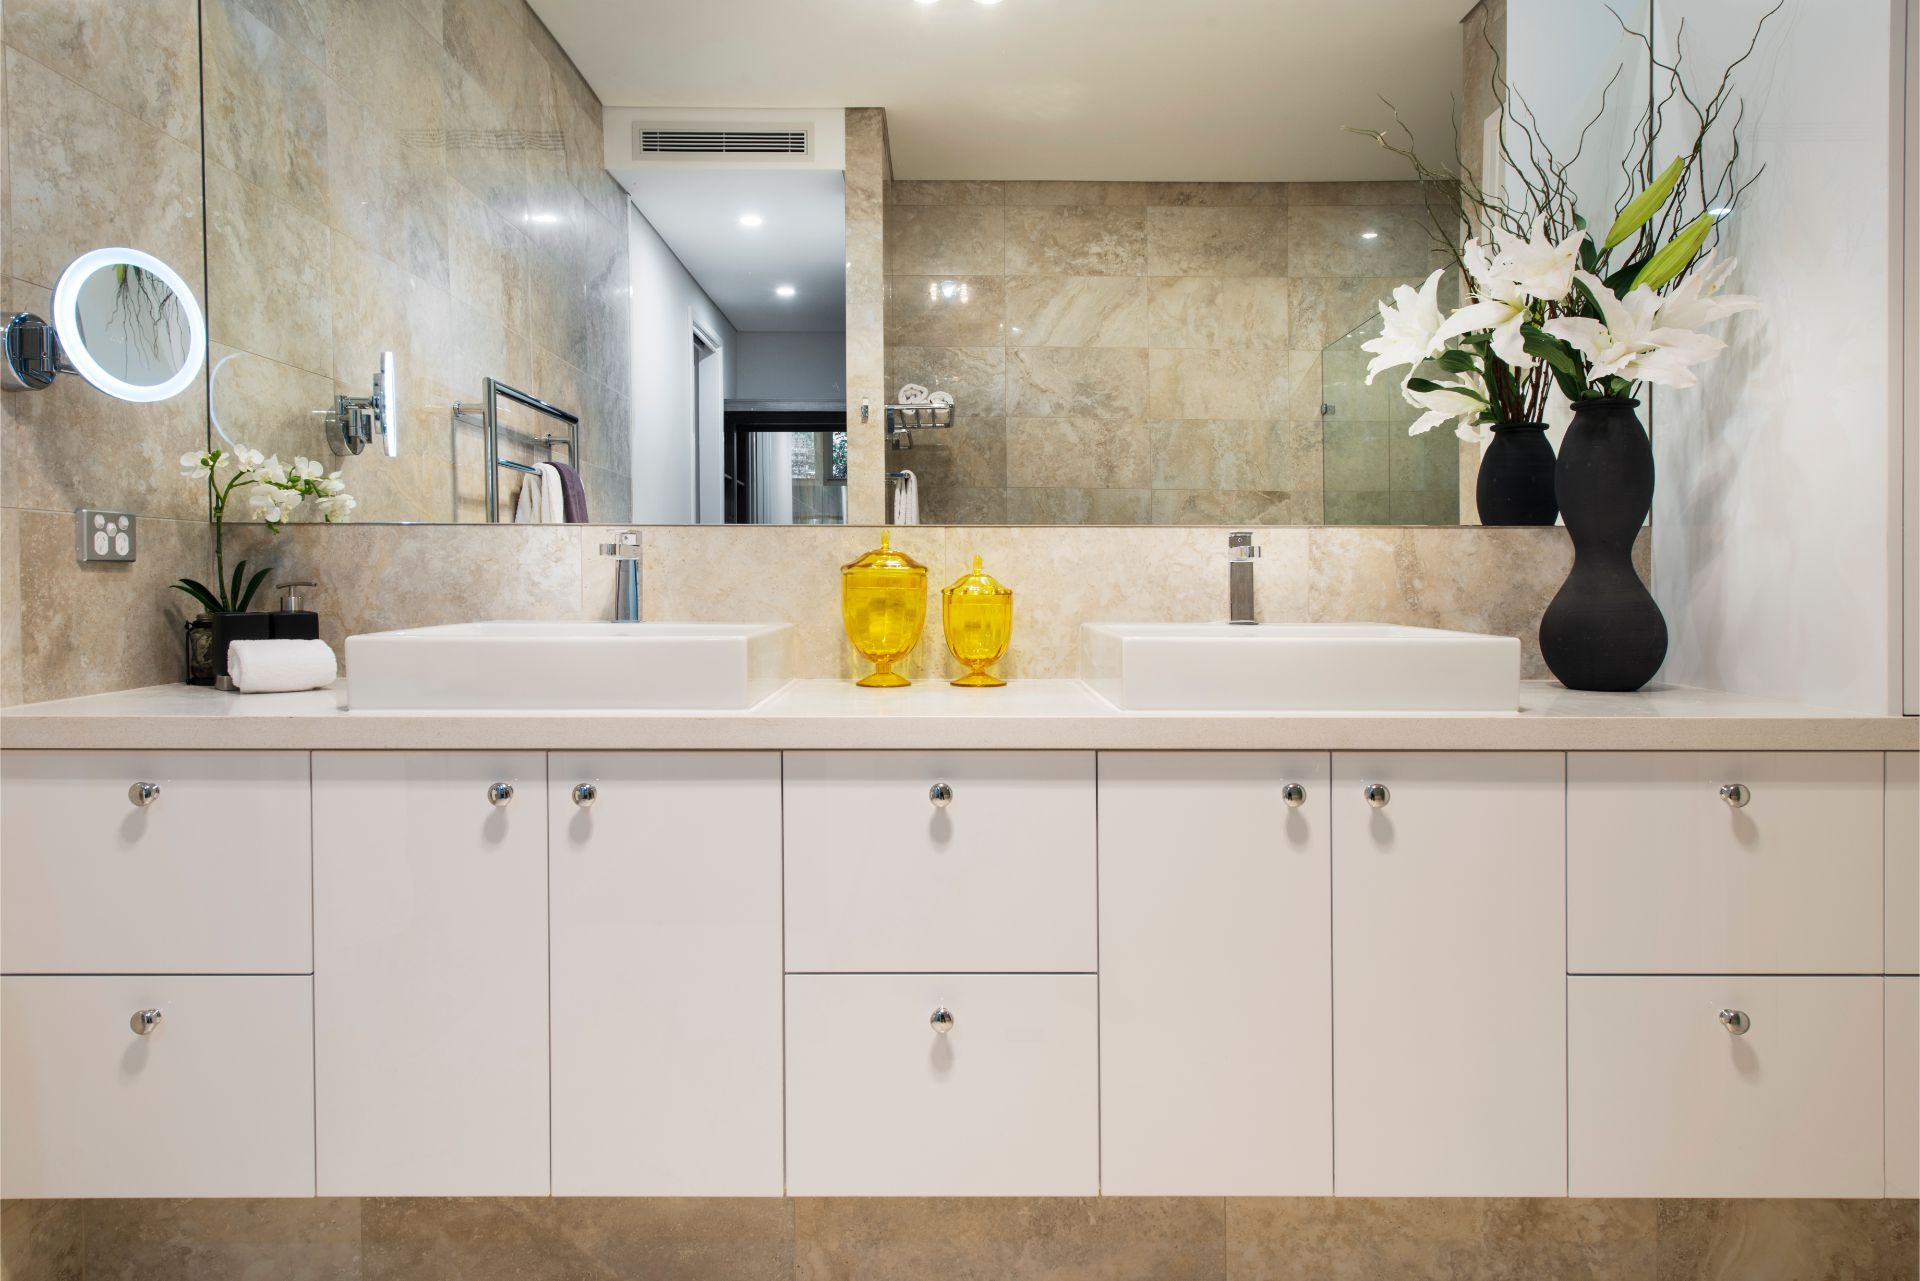 The george-residence-luxury-perth-homebuilder.jpg